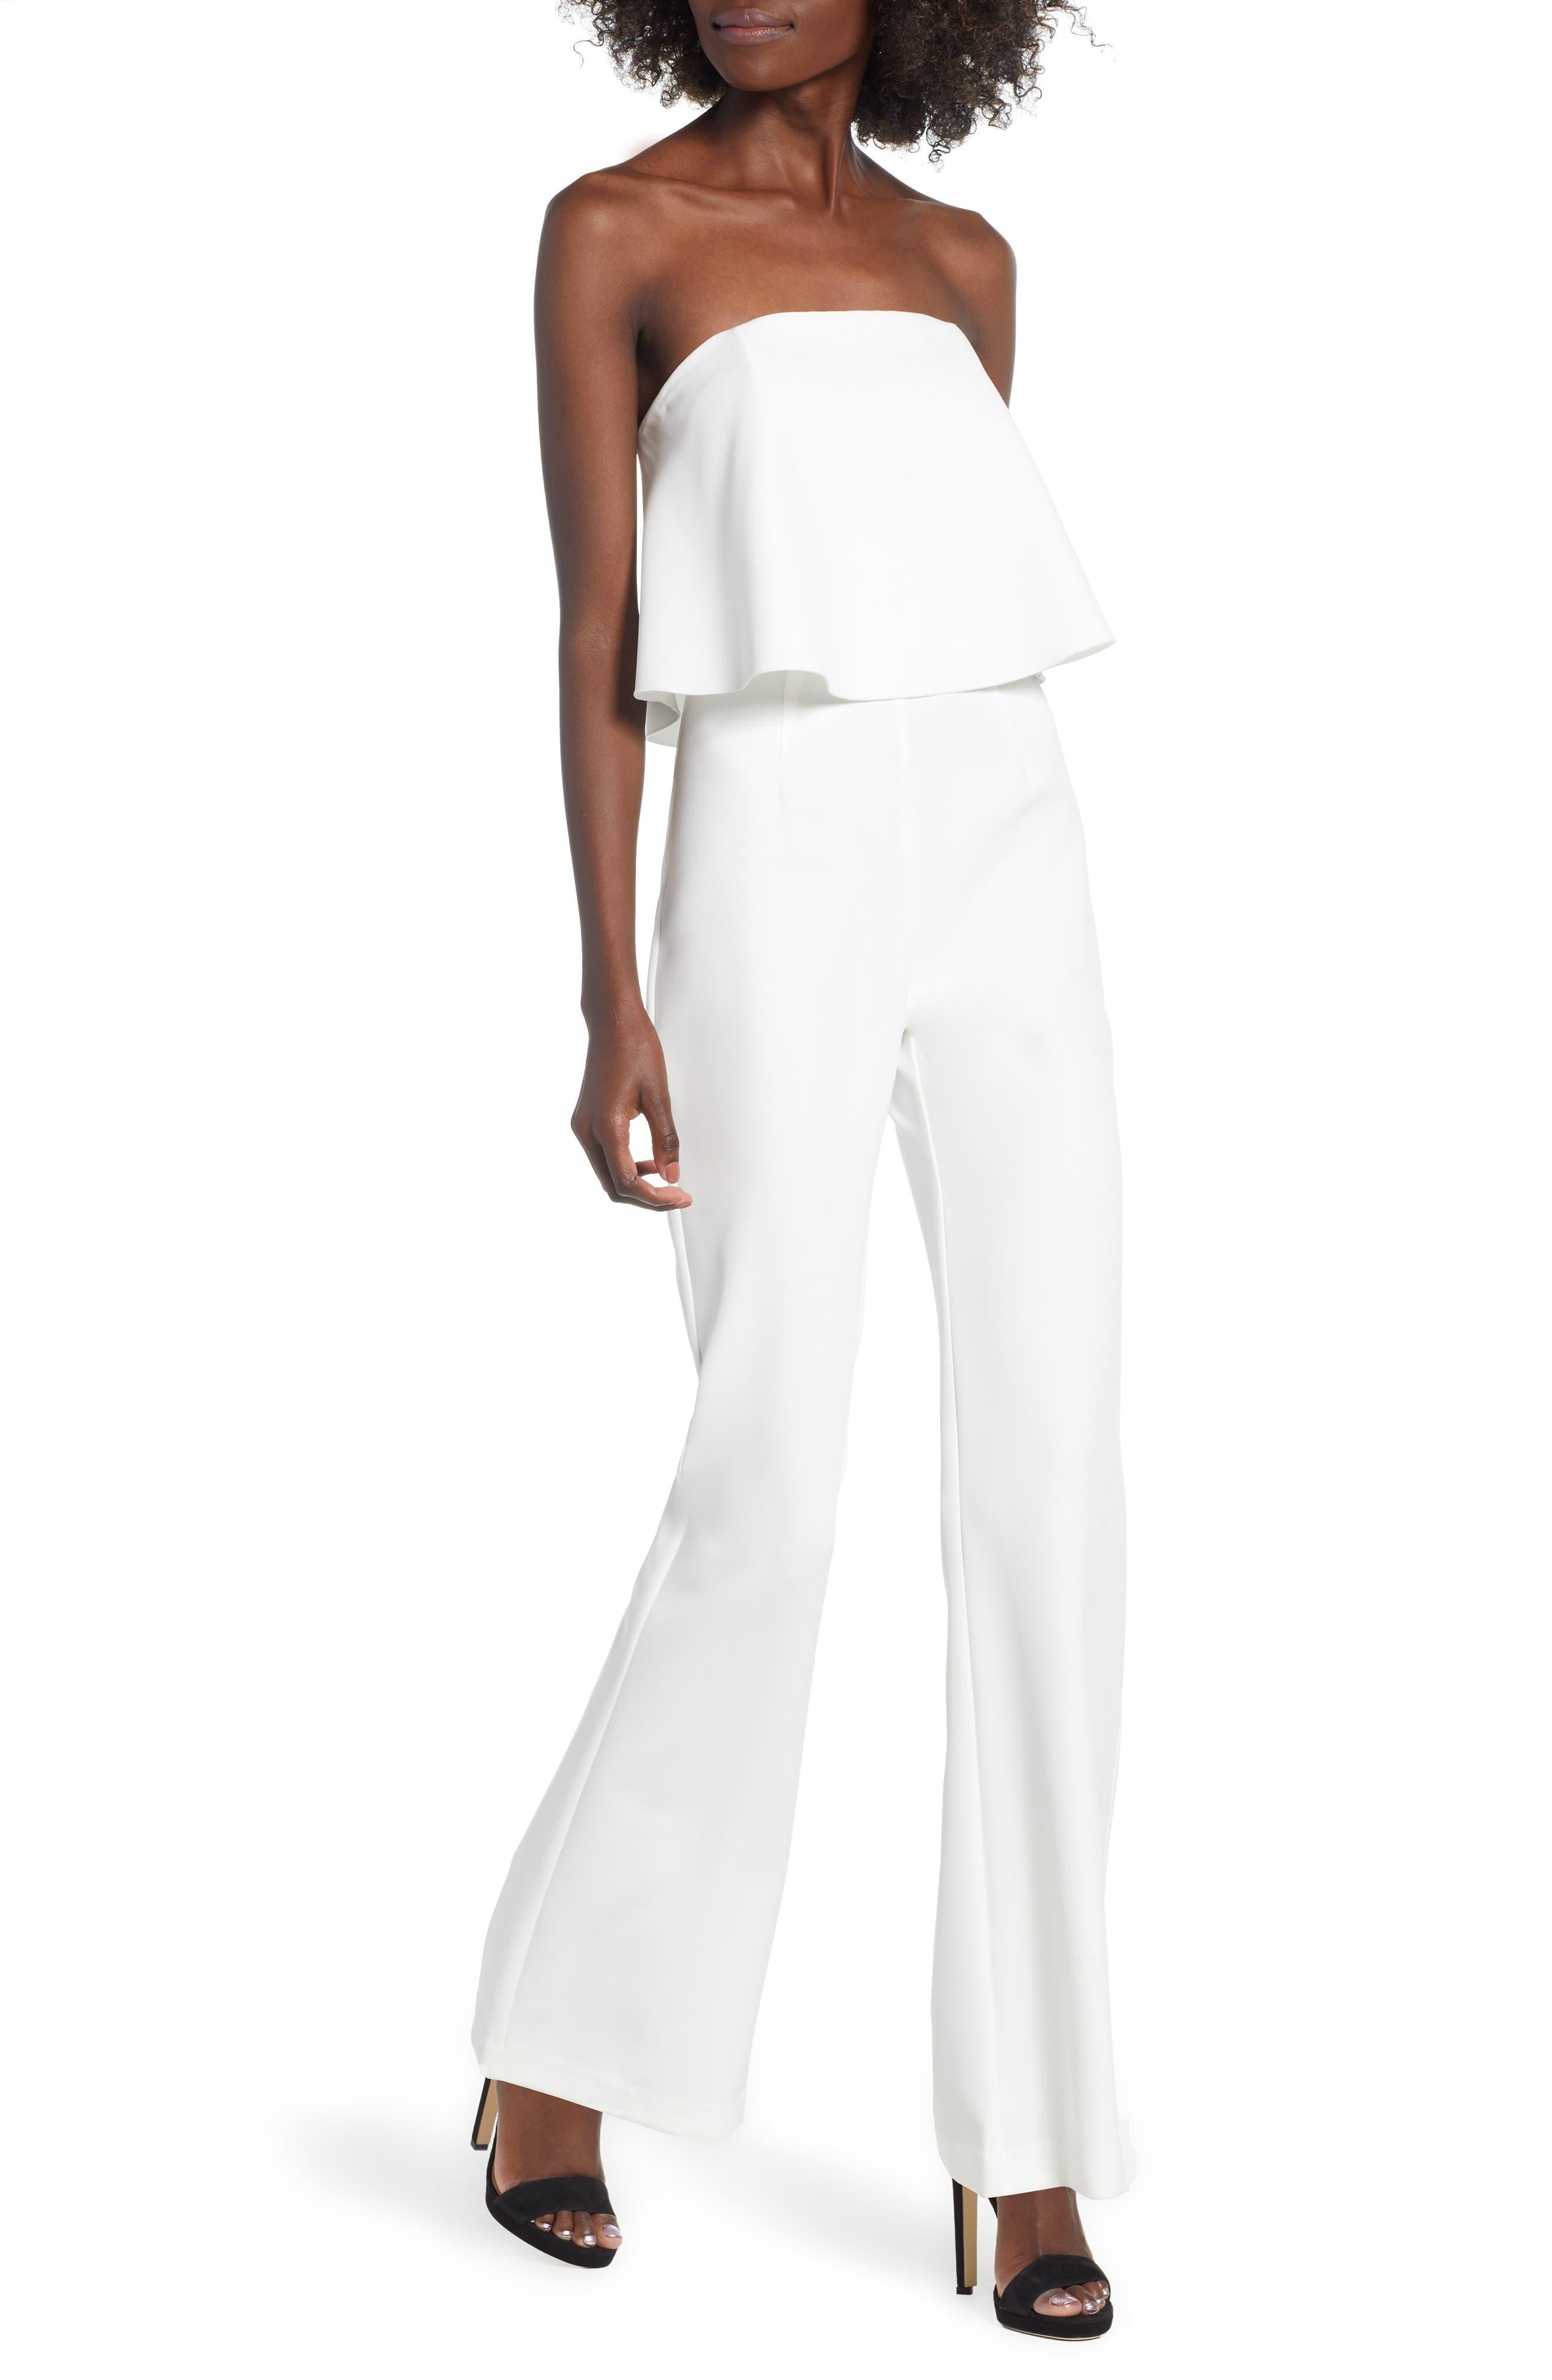 SOCIALITE Popover Jumpsuit, Main, color, 100